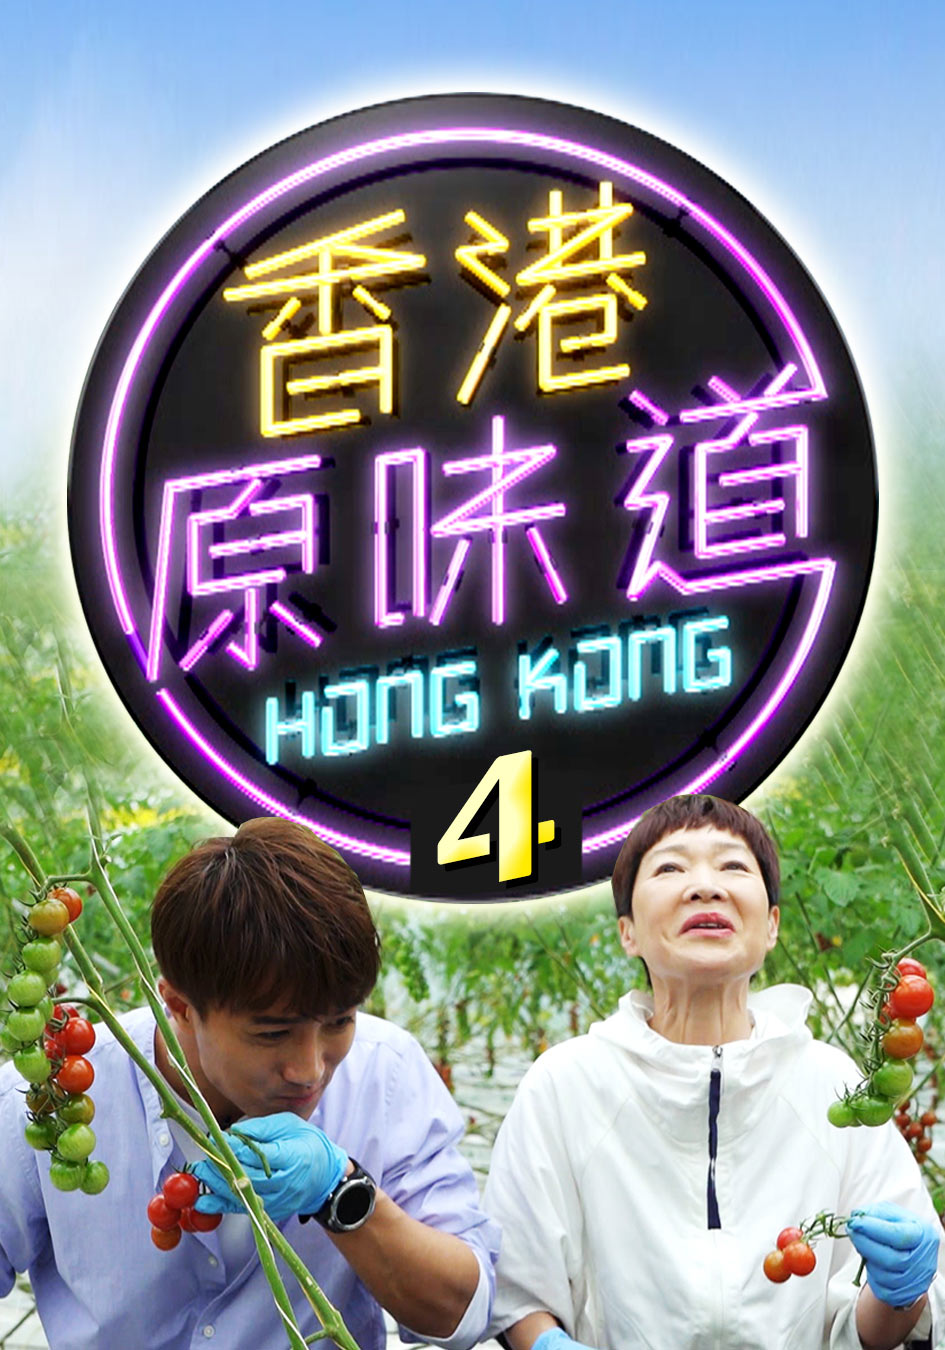 香港原味道4 - encoreTVB 官方網站